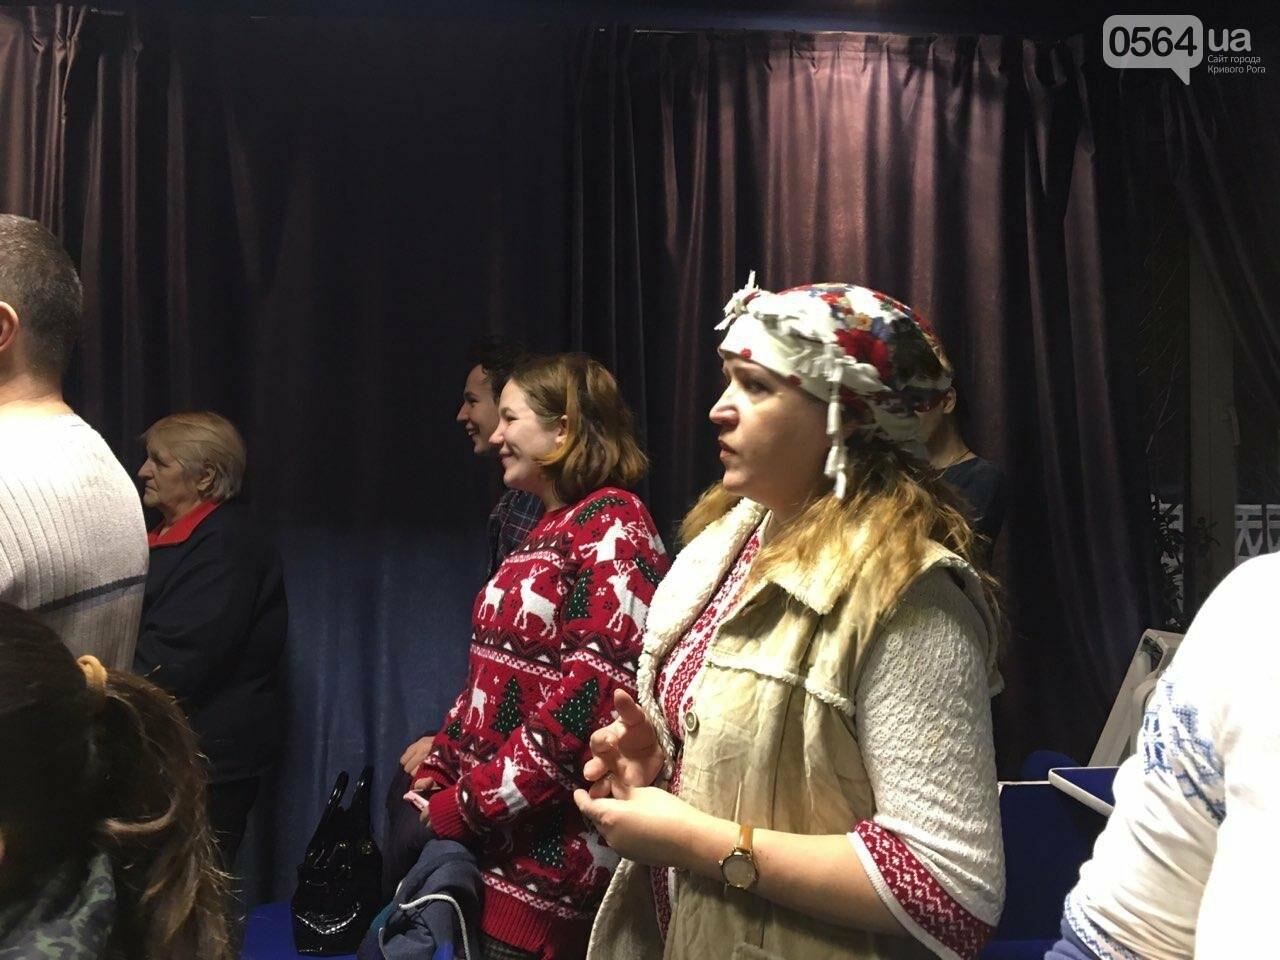 Христос рождается! В Кривом Роге показали Рождественский вертеп, - ФОТО, ВИДЕО, фото-7